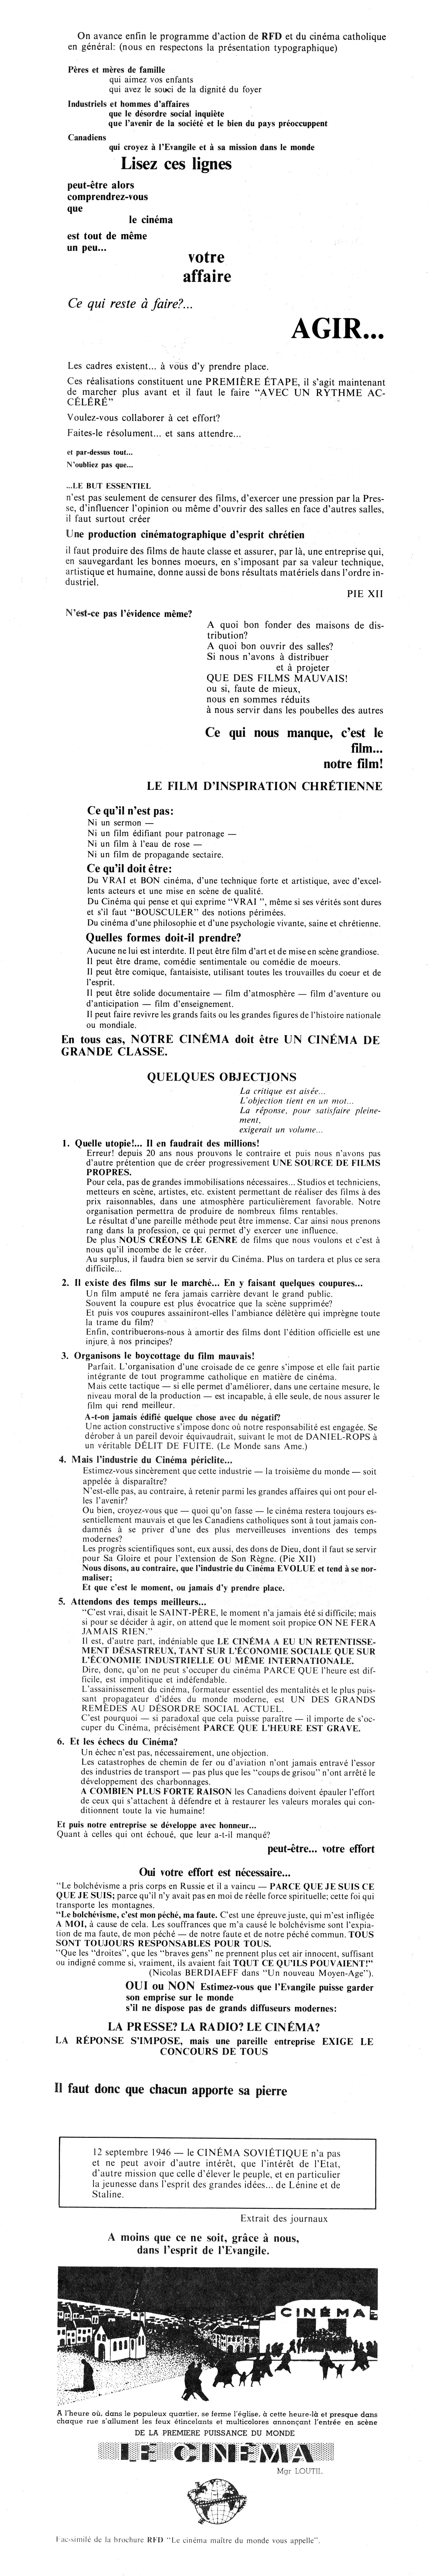 DCQ_1979_03_p59-62Img1